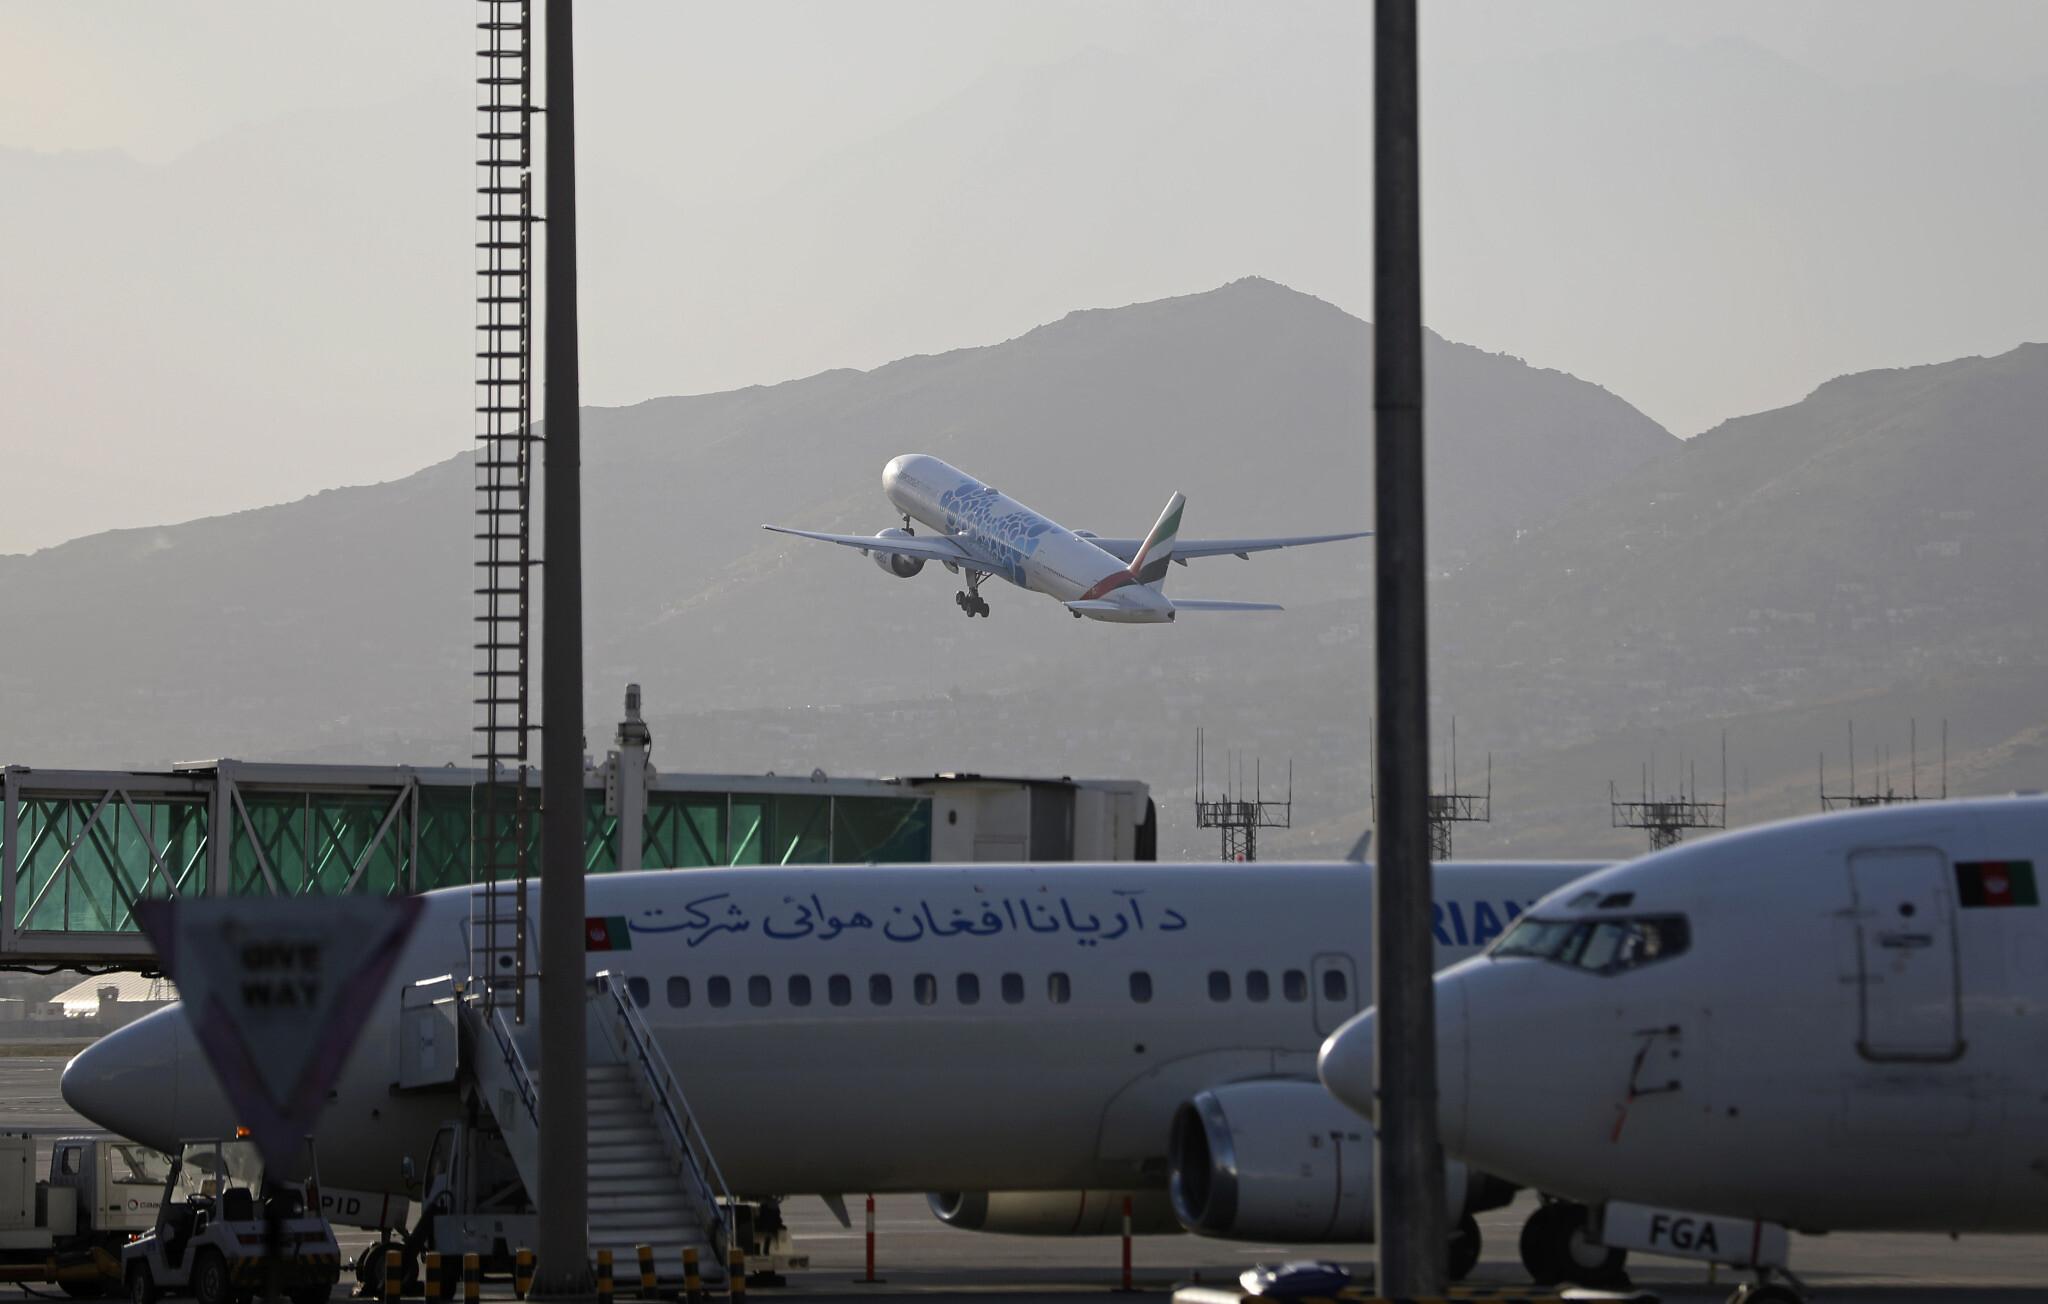 Afghan crisis: Ukraine's evacuation plane hijacked